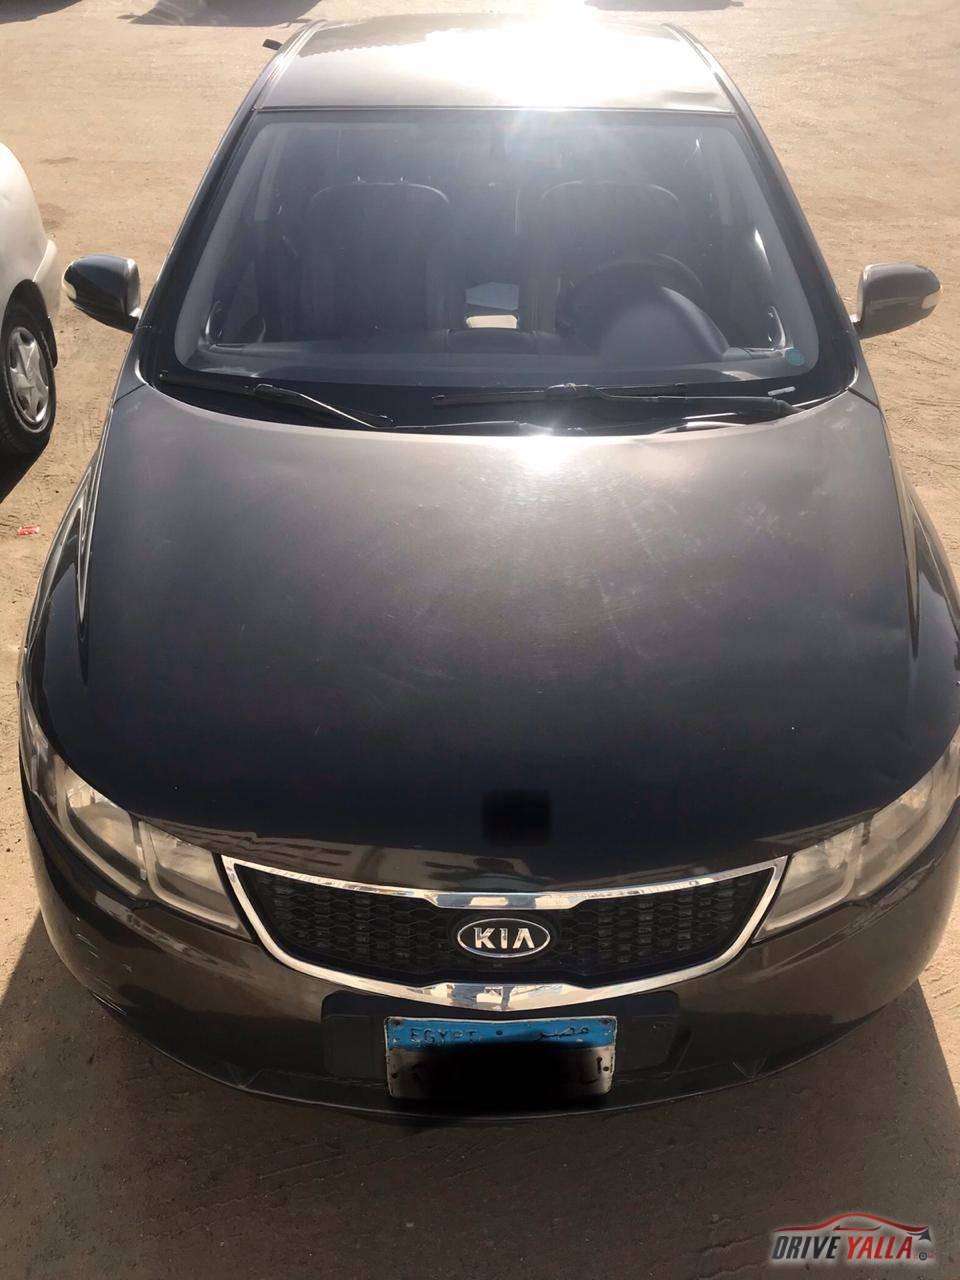 كيا سيراتو مستعملة للبيع فى مصر 2009  خليجى